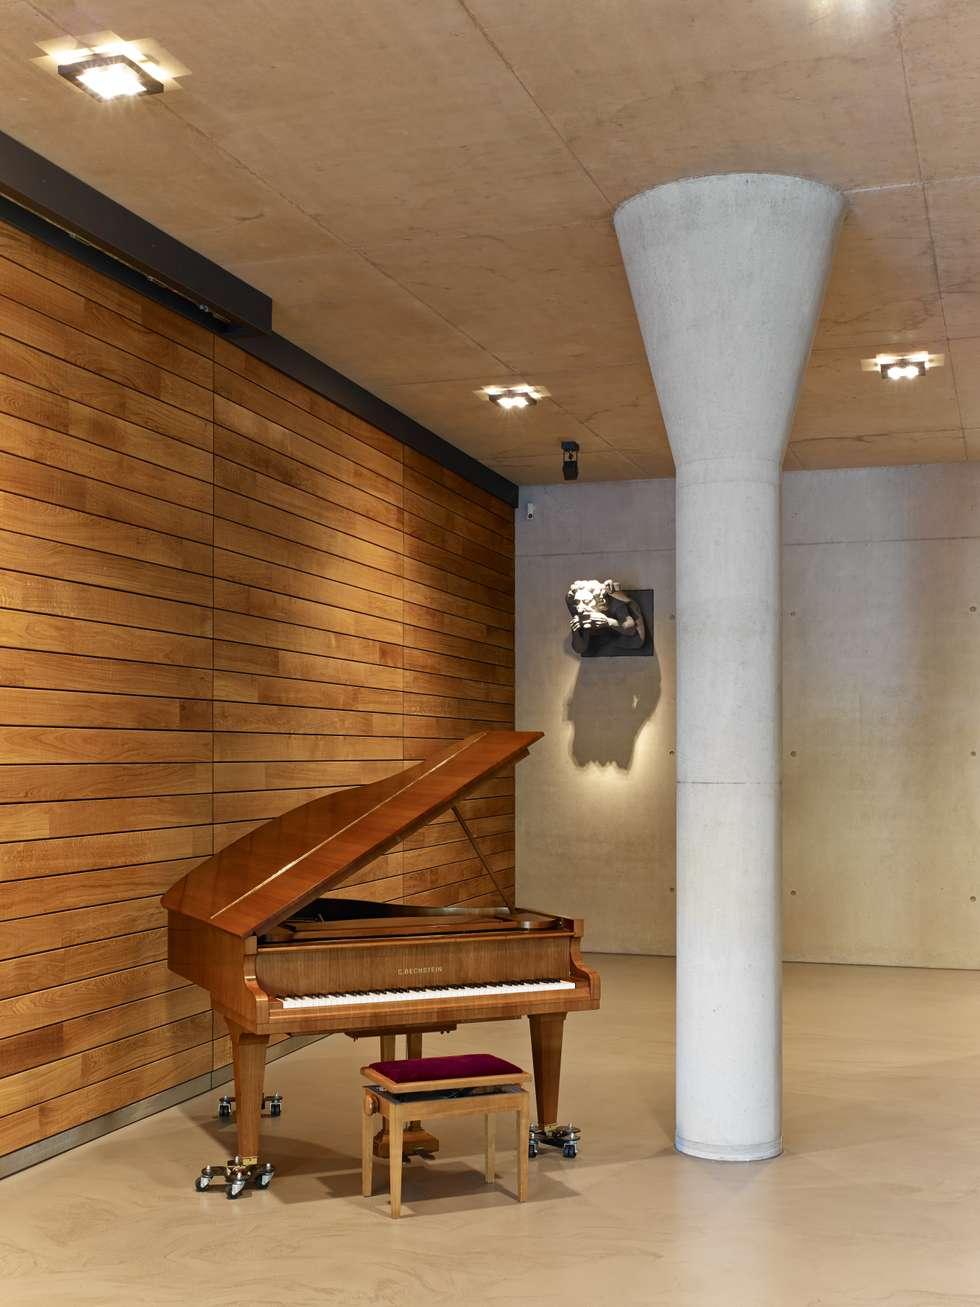 Wohnideen interior design einrichtungsideen bilder for Interior auf deutsch